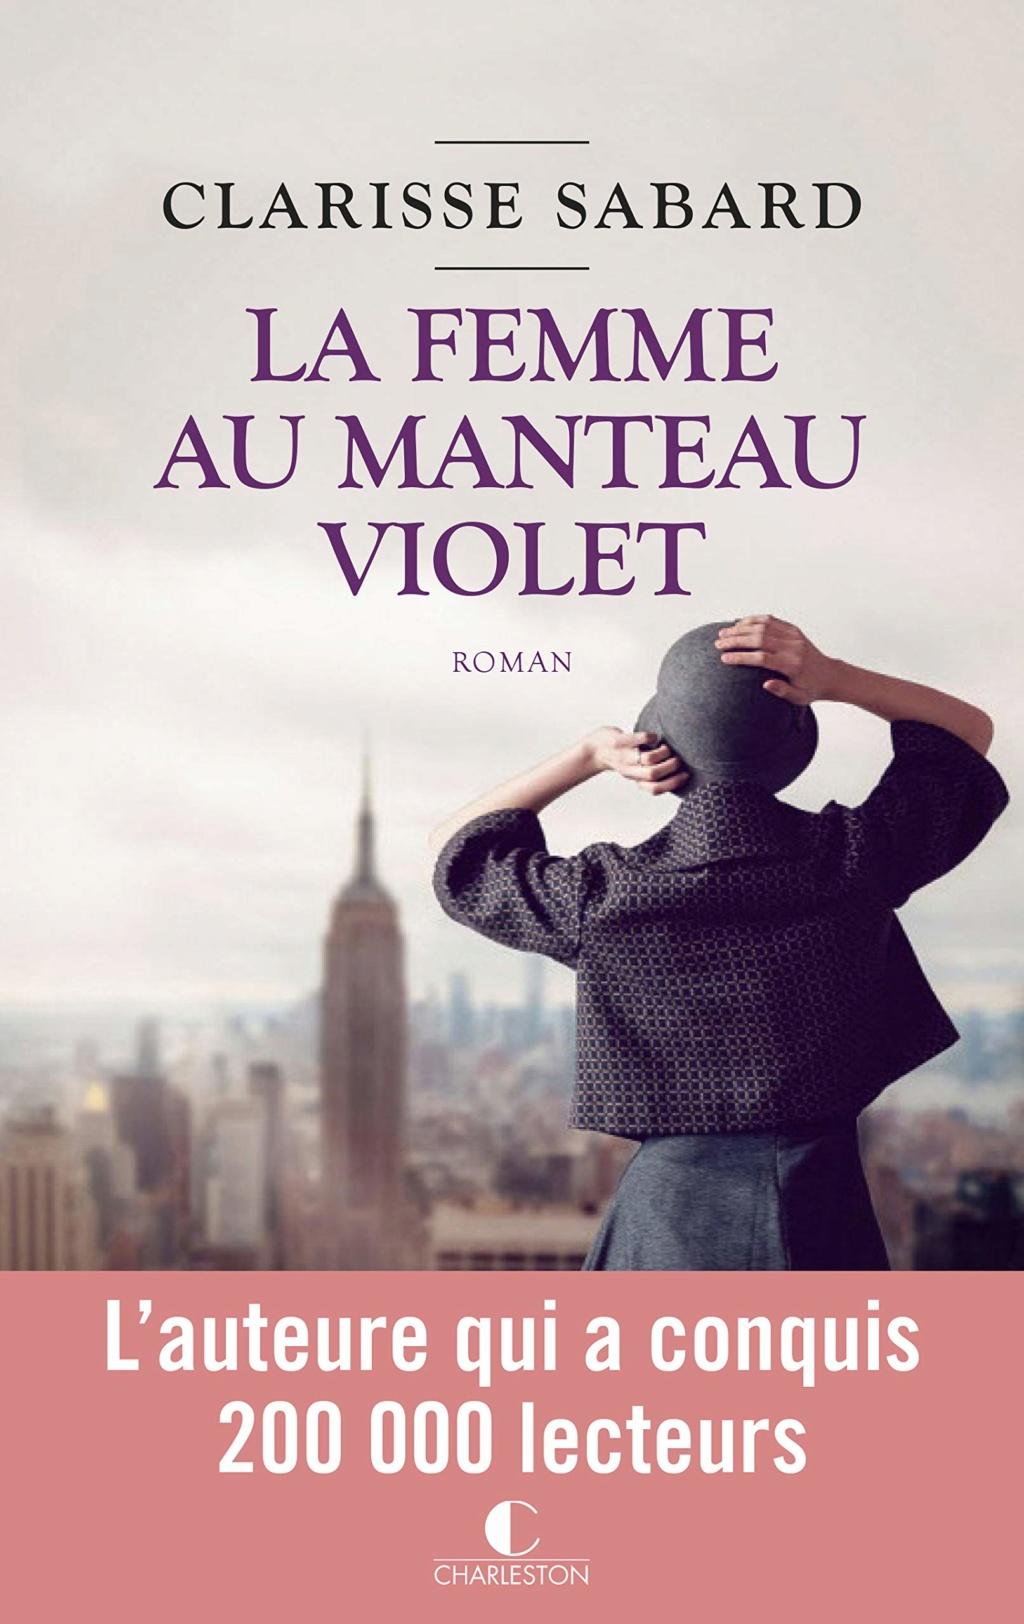 La femme au manteau violet de Clarisse Sabard La-fem10